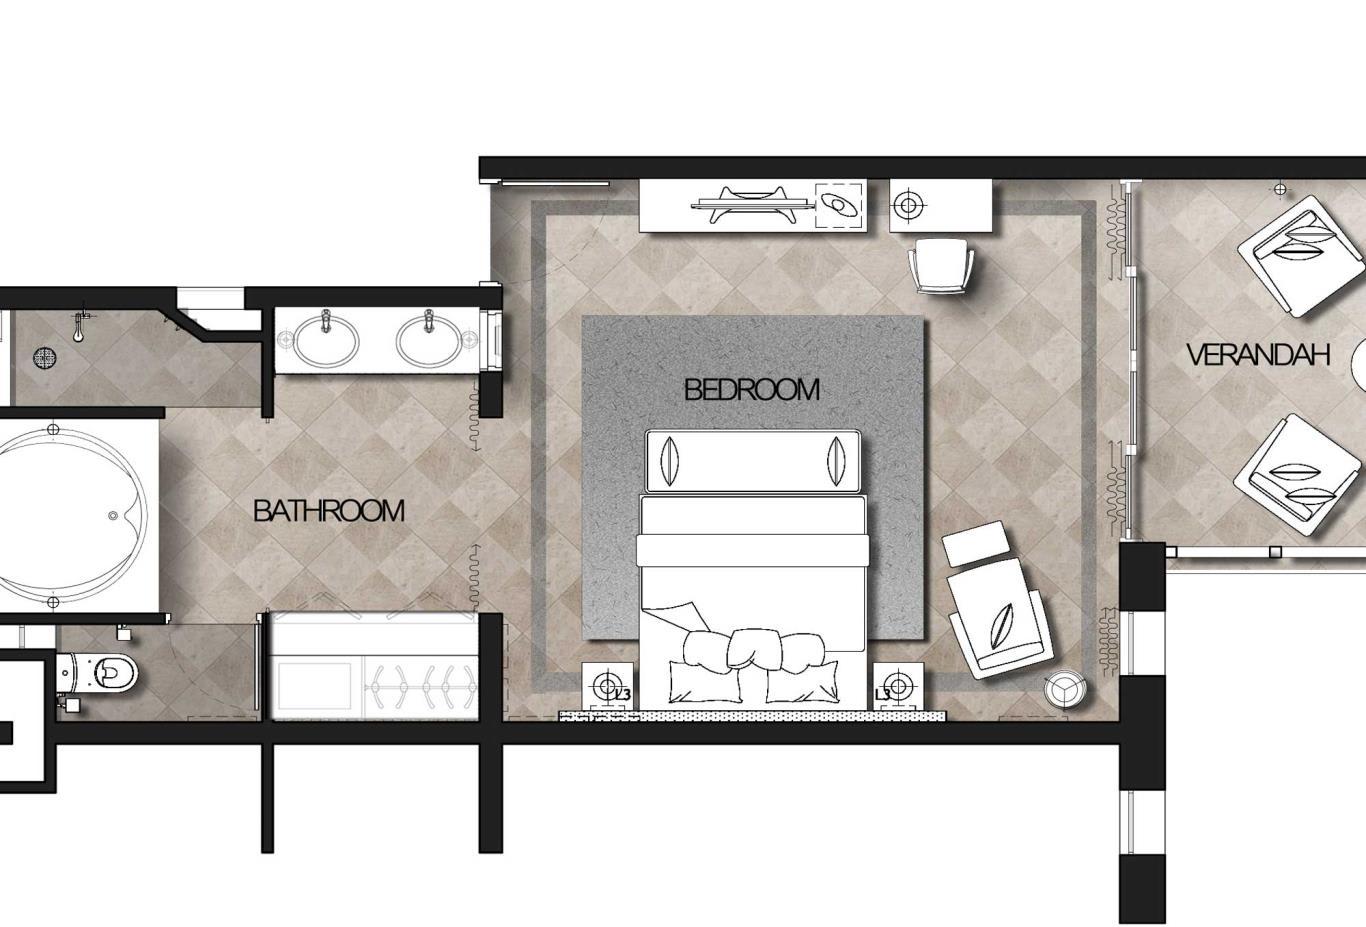 Deluxe Sea View Floorplan